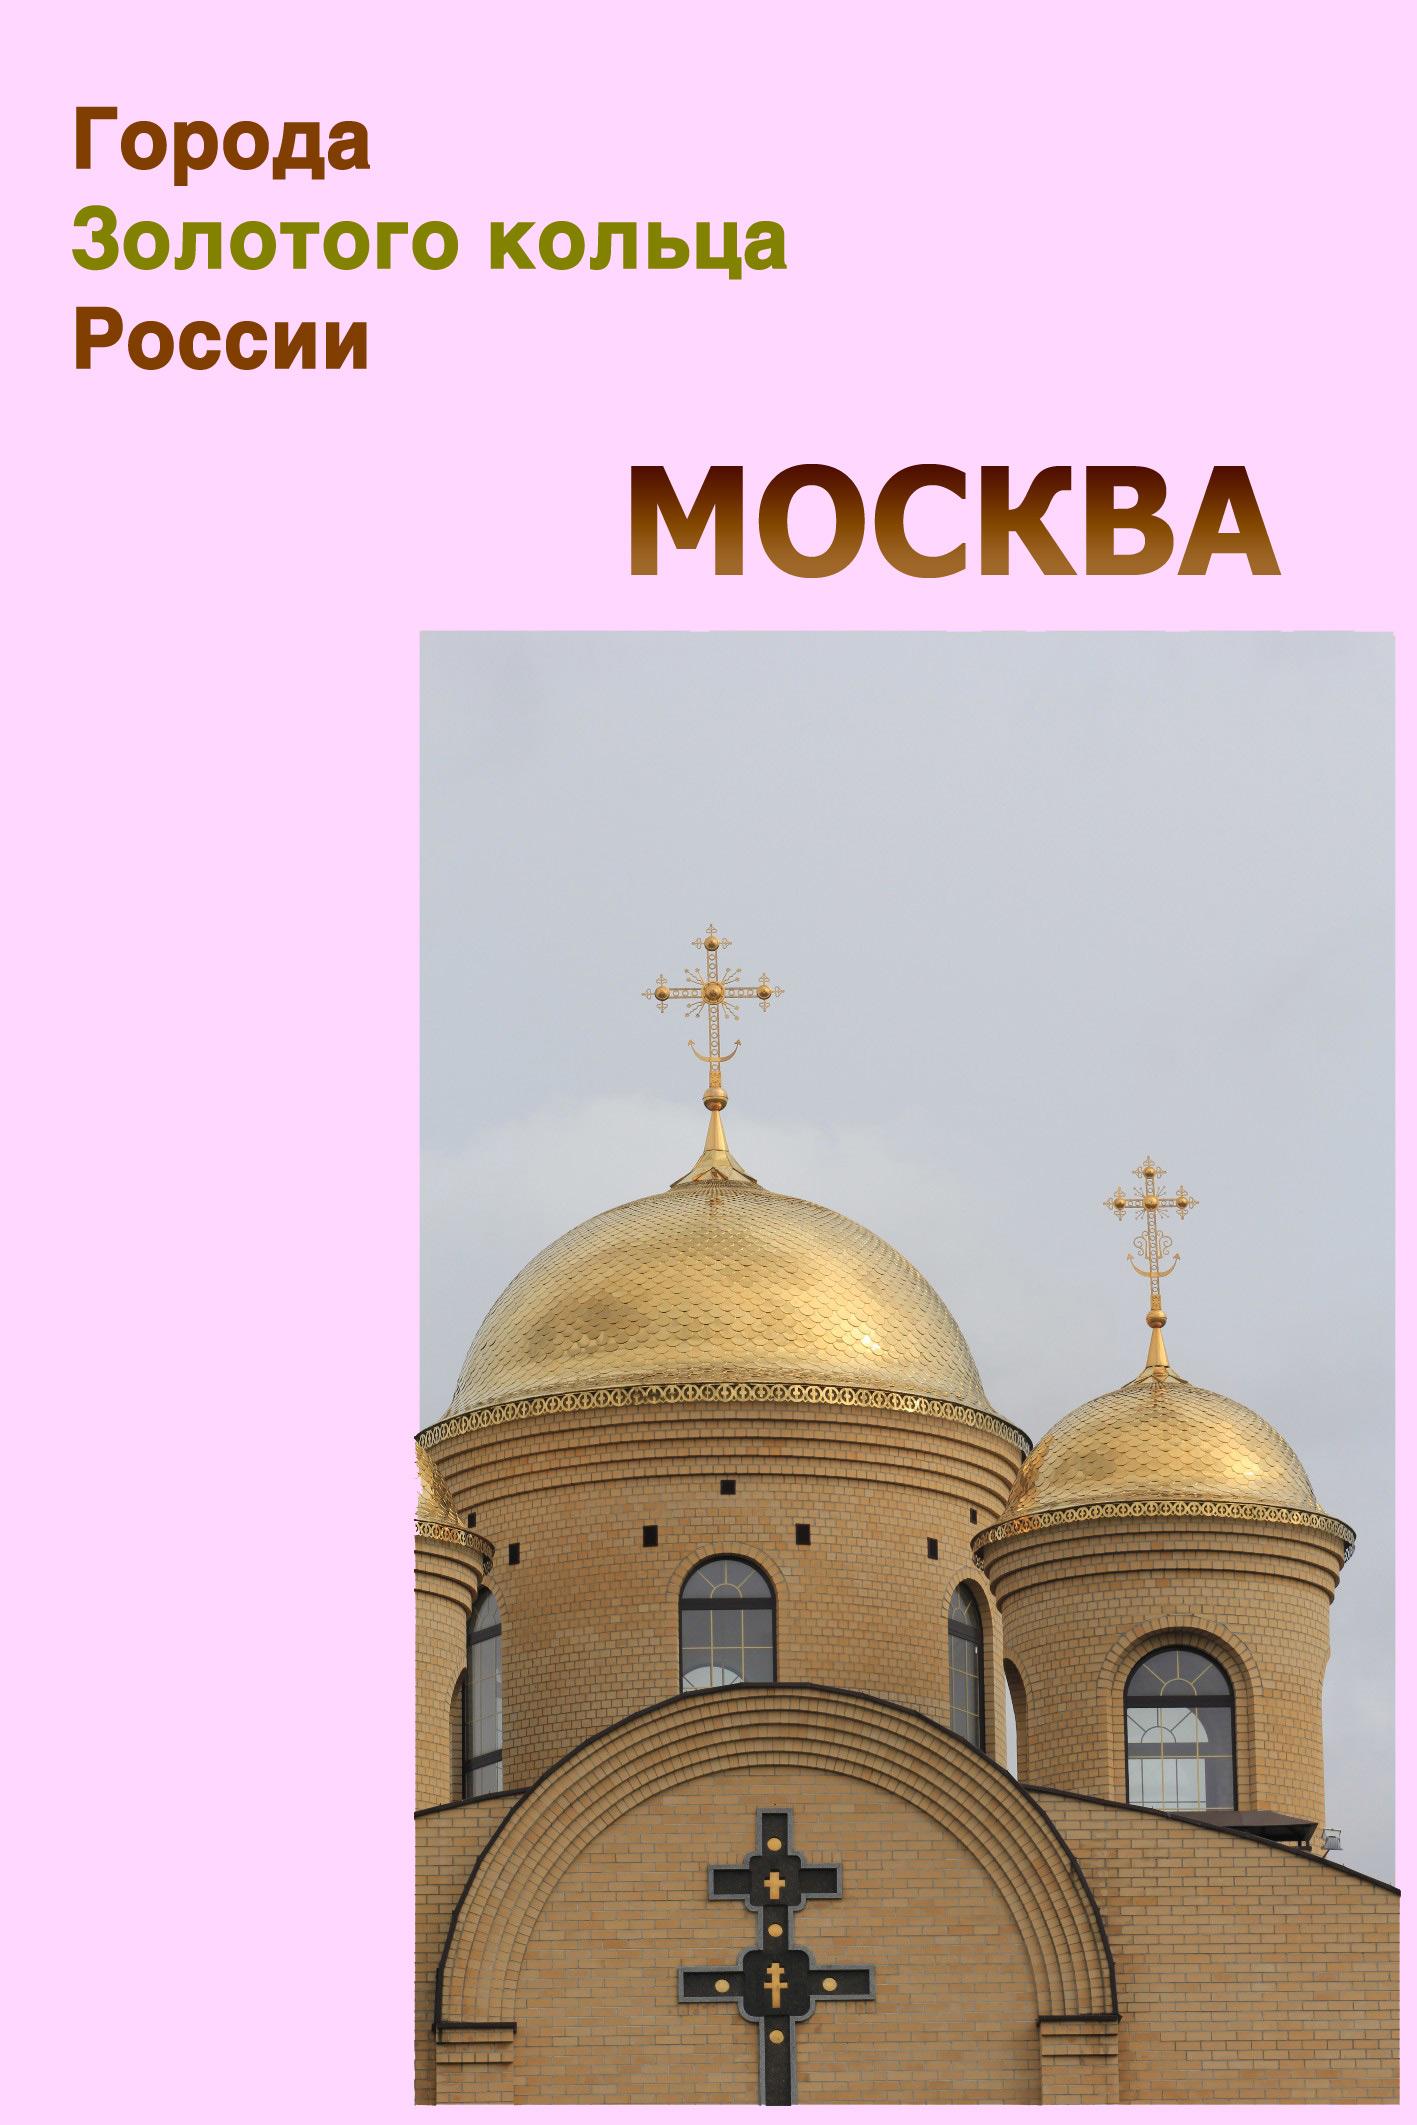 Отсутствует Москва елена имена женщин россии